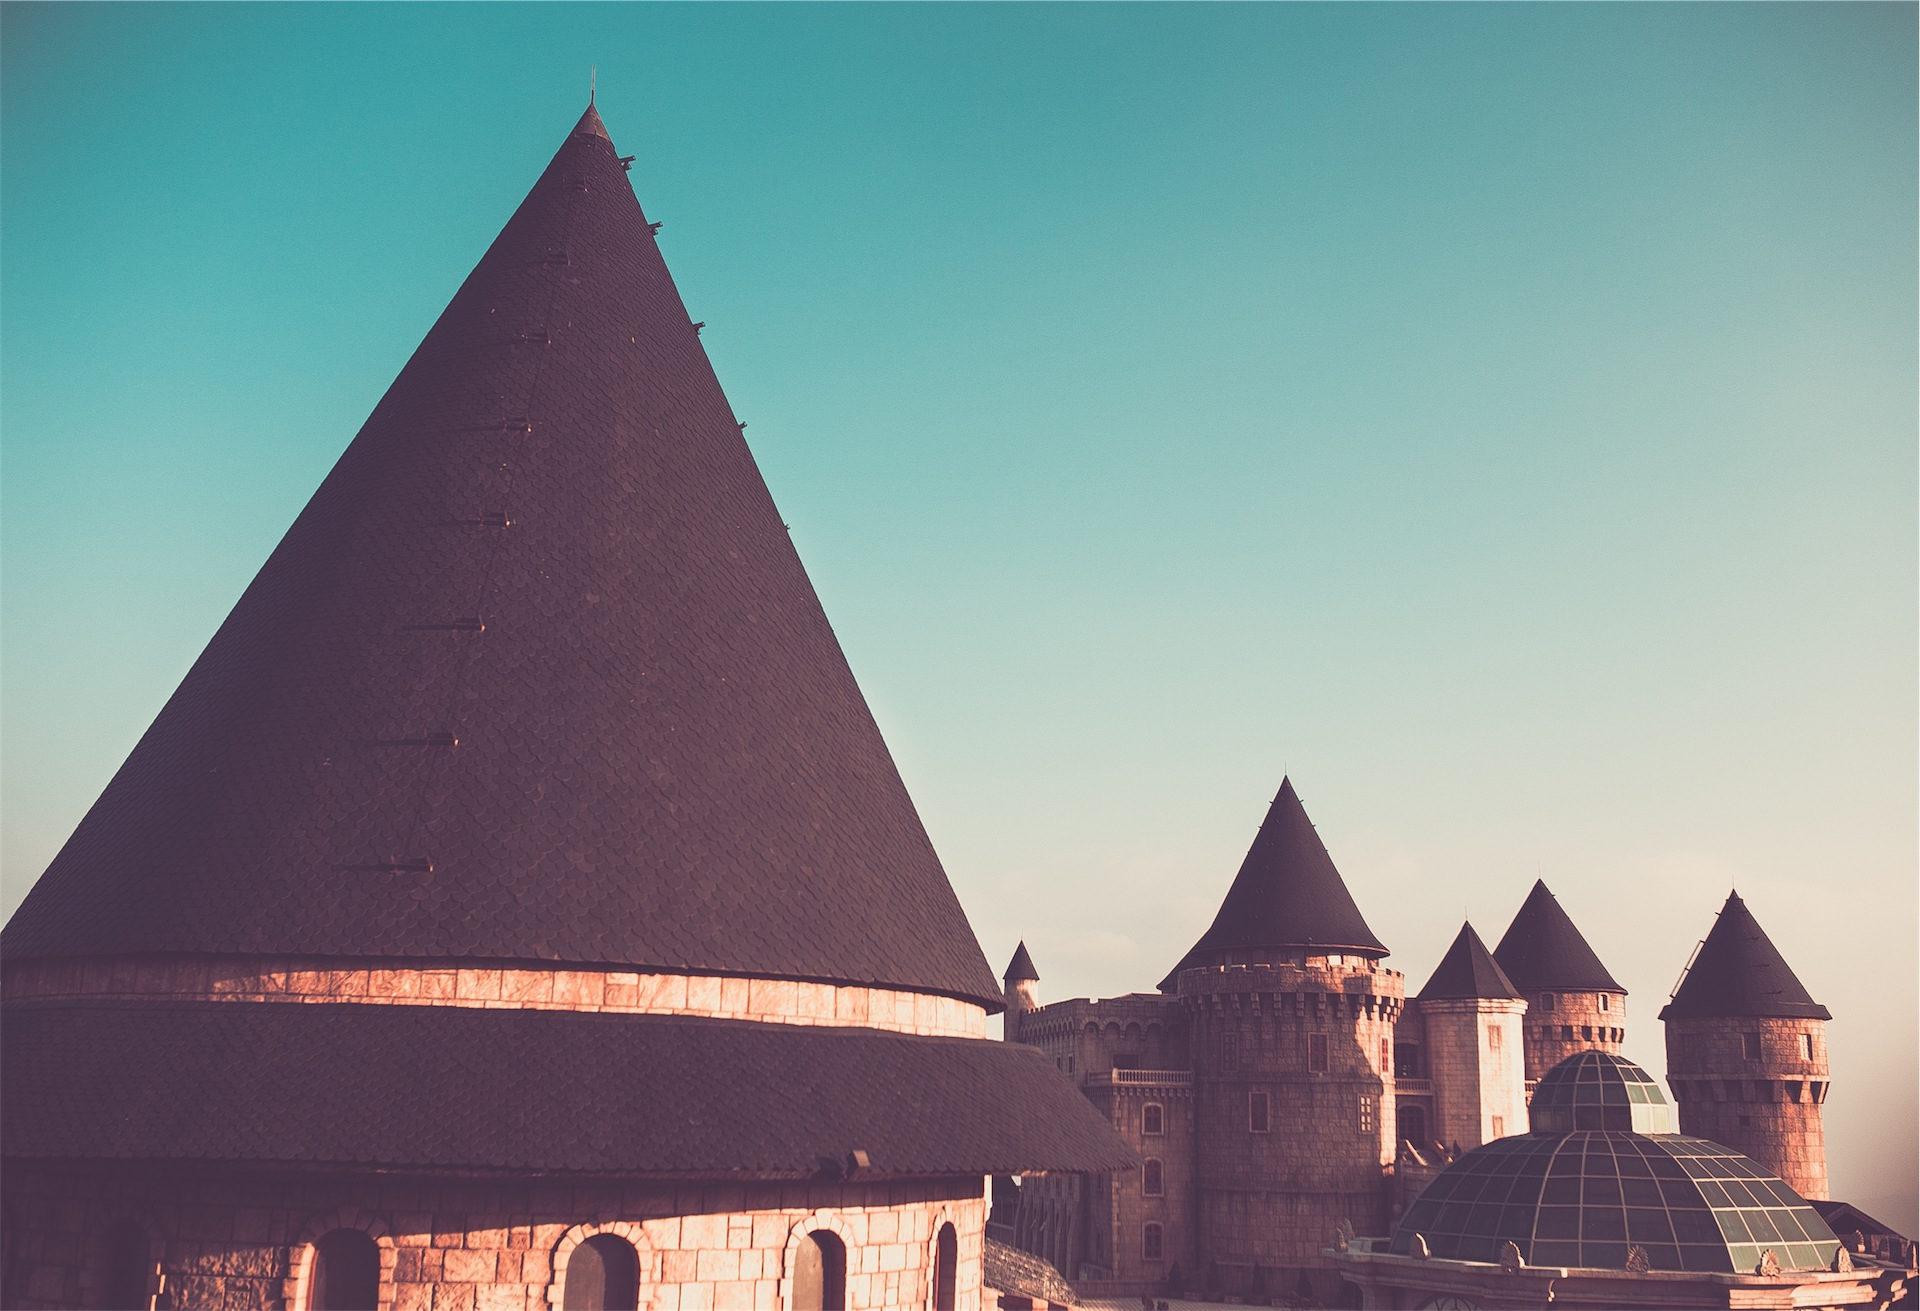 Κάστρο, Τόρες, Torreon, Φρούριο, Ουρανός - Wallpapers HD - Professor-falken.com